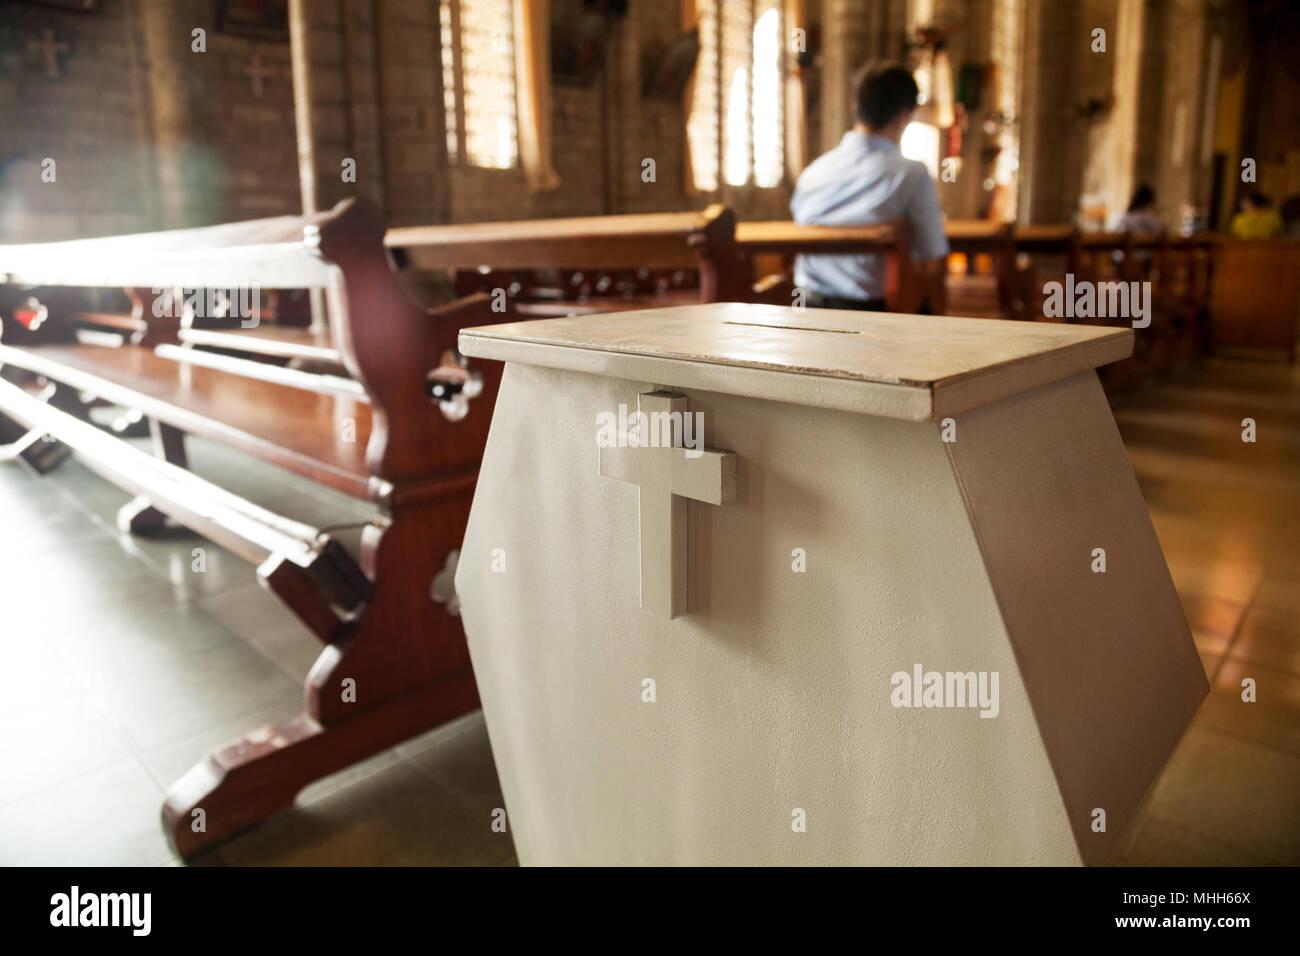 Caja de donación blanco con una cruz en una iglesia cristiana. Caja para la colección permanente del ofertorio generoso entre bancos en un templo católico Imagen De Stock